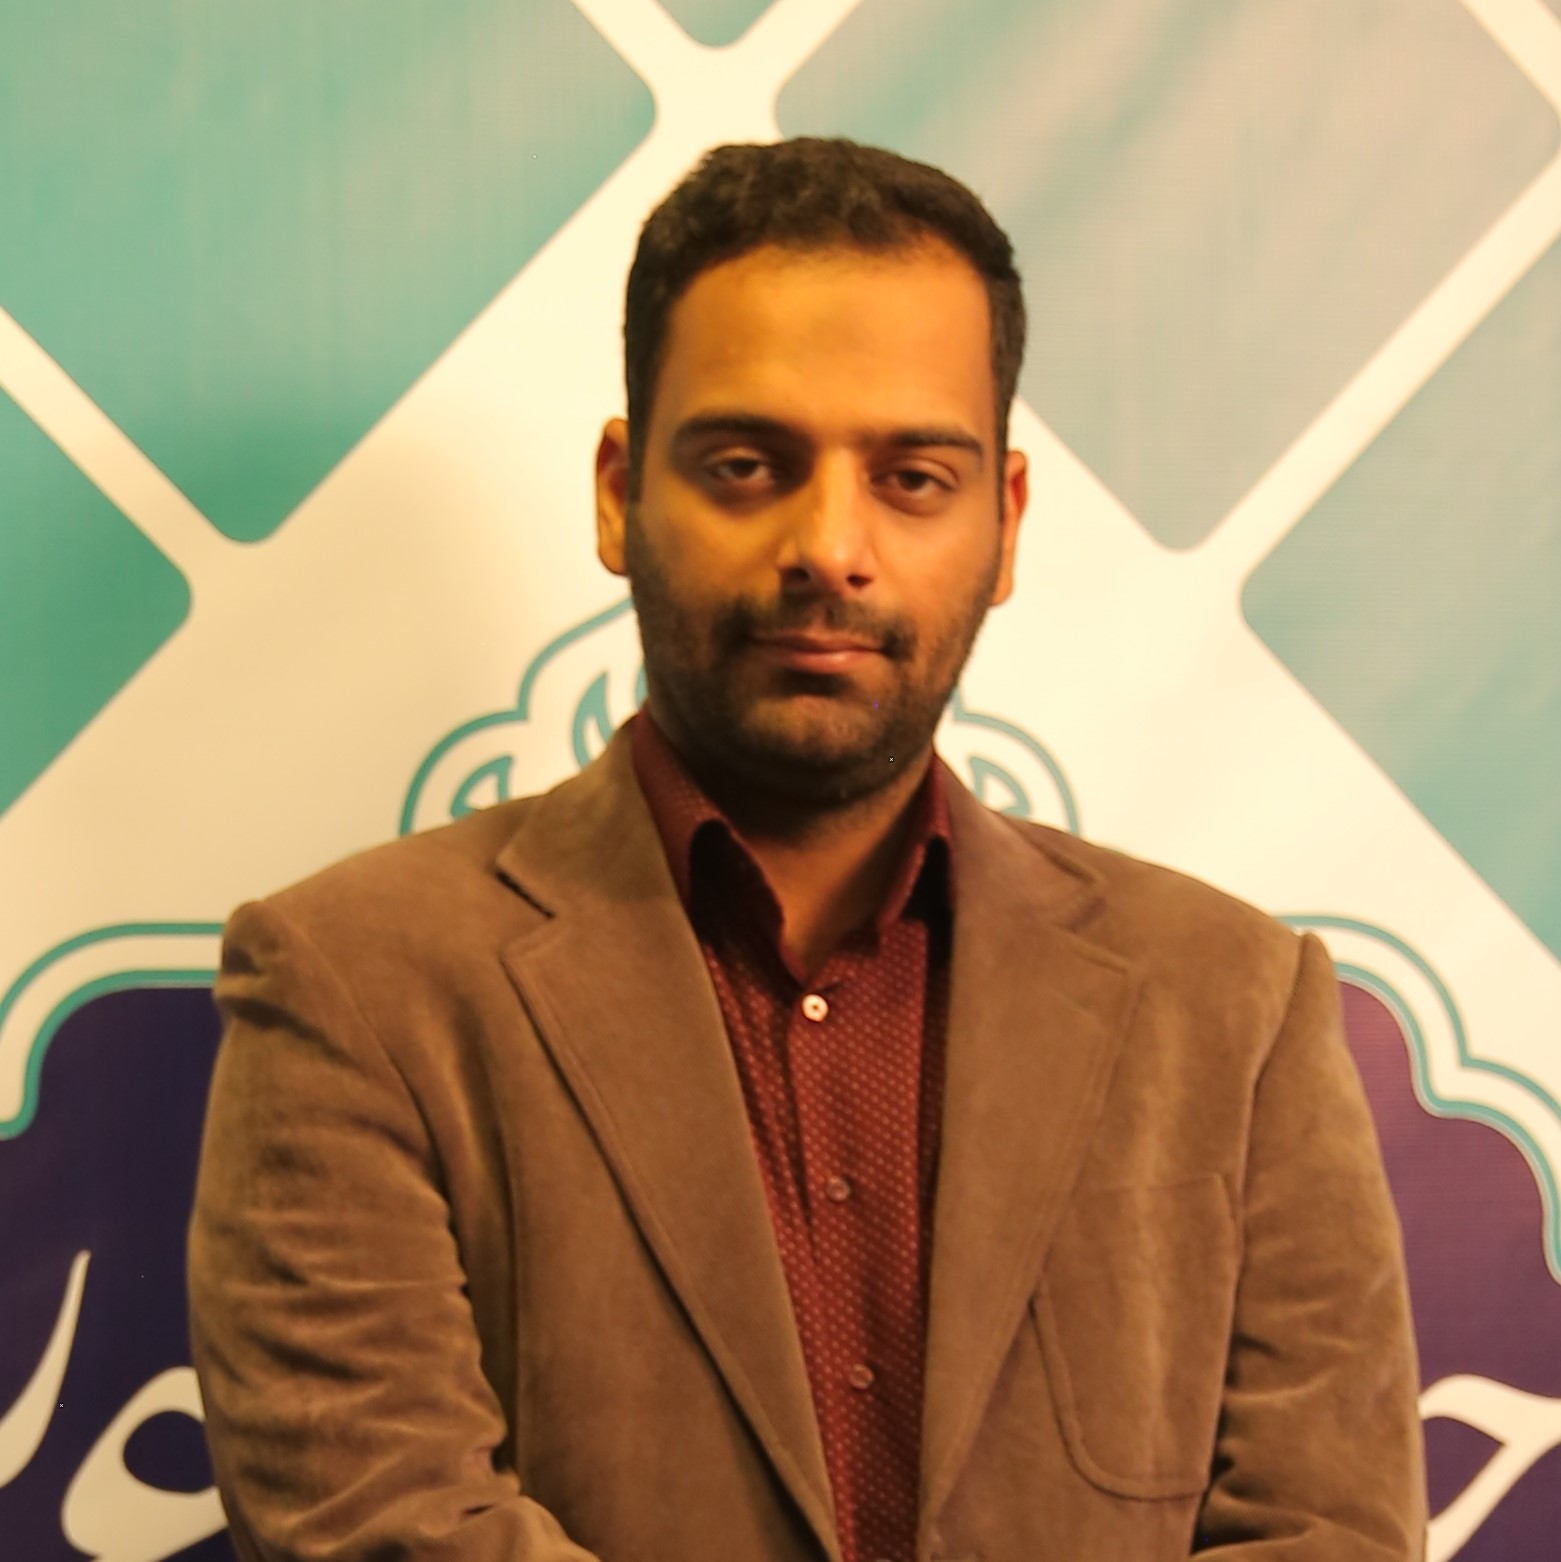 میلاد عرفان پور